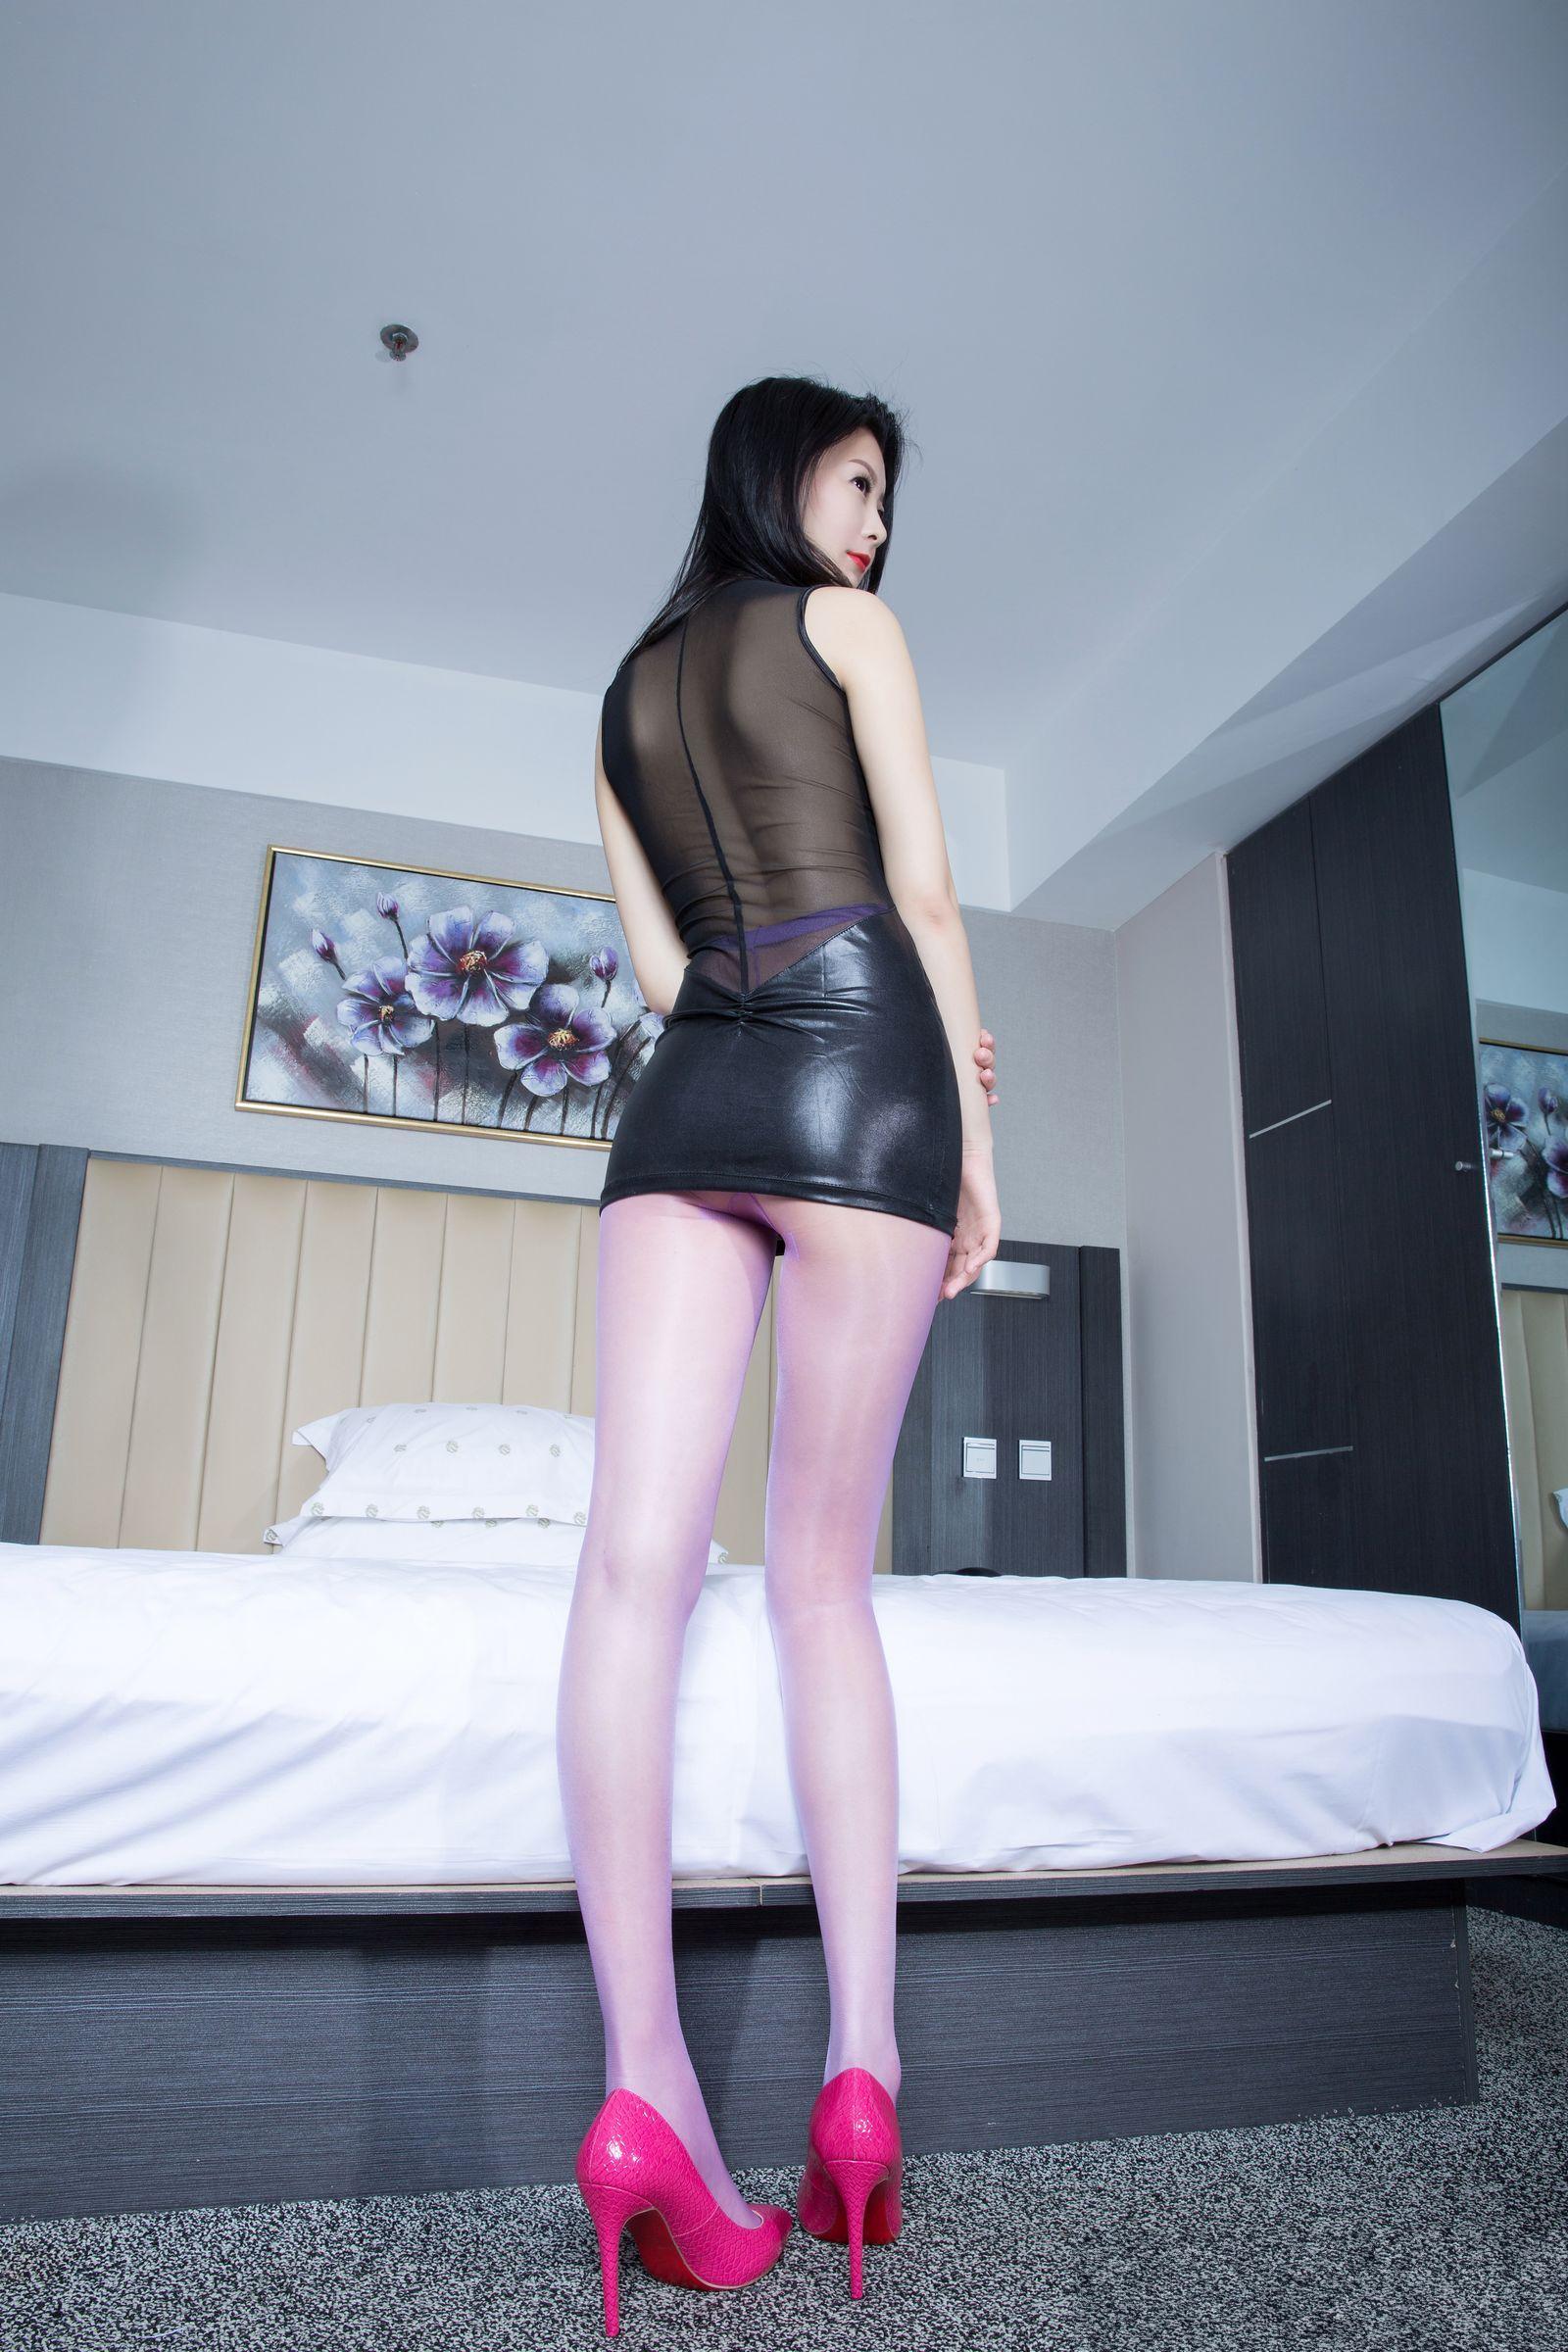 美腿 阿曼 - 春色满园 - 春色满园